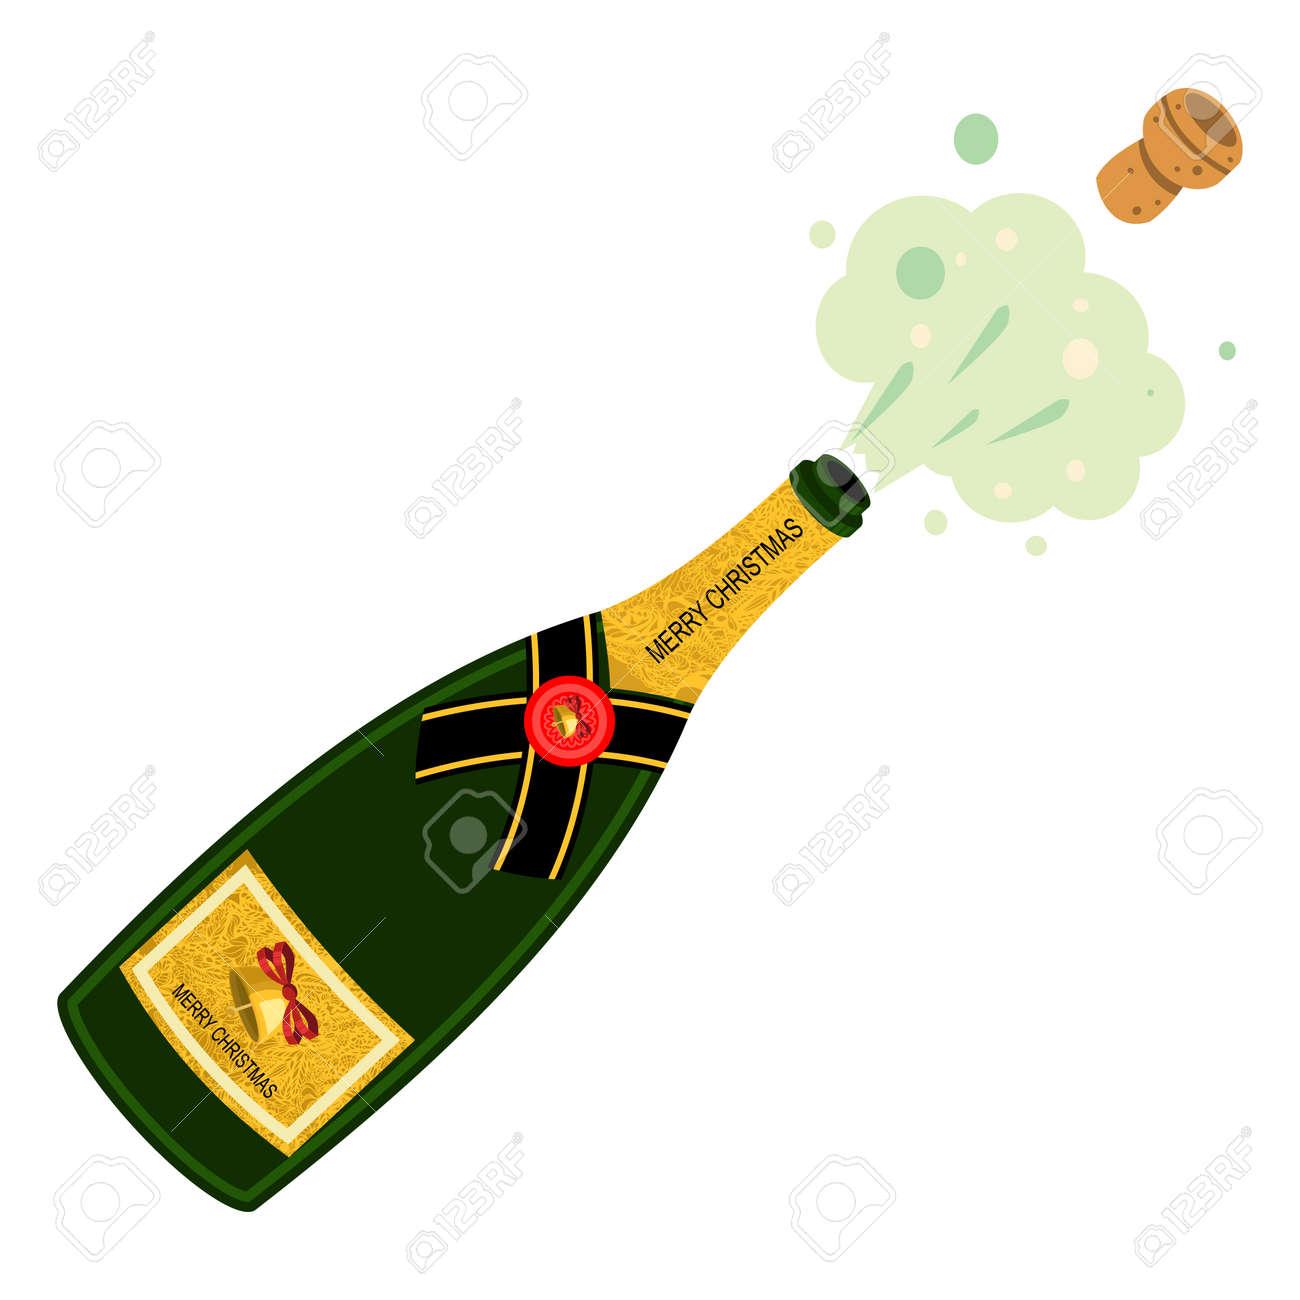 Bouteille De Champagne Dessin explosion de bouteille de champagne. illustration de dessin animé de